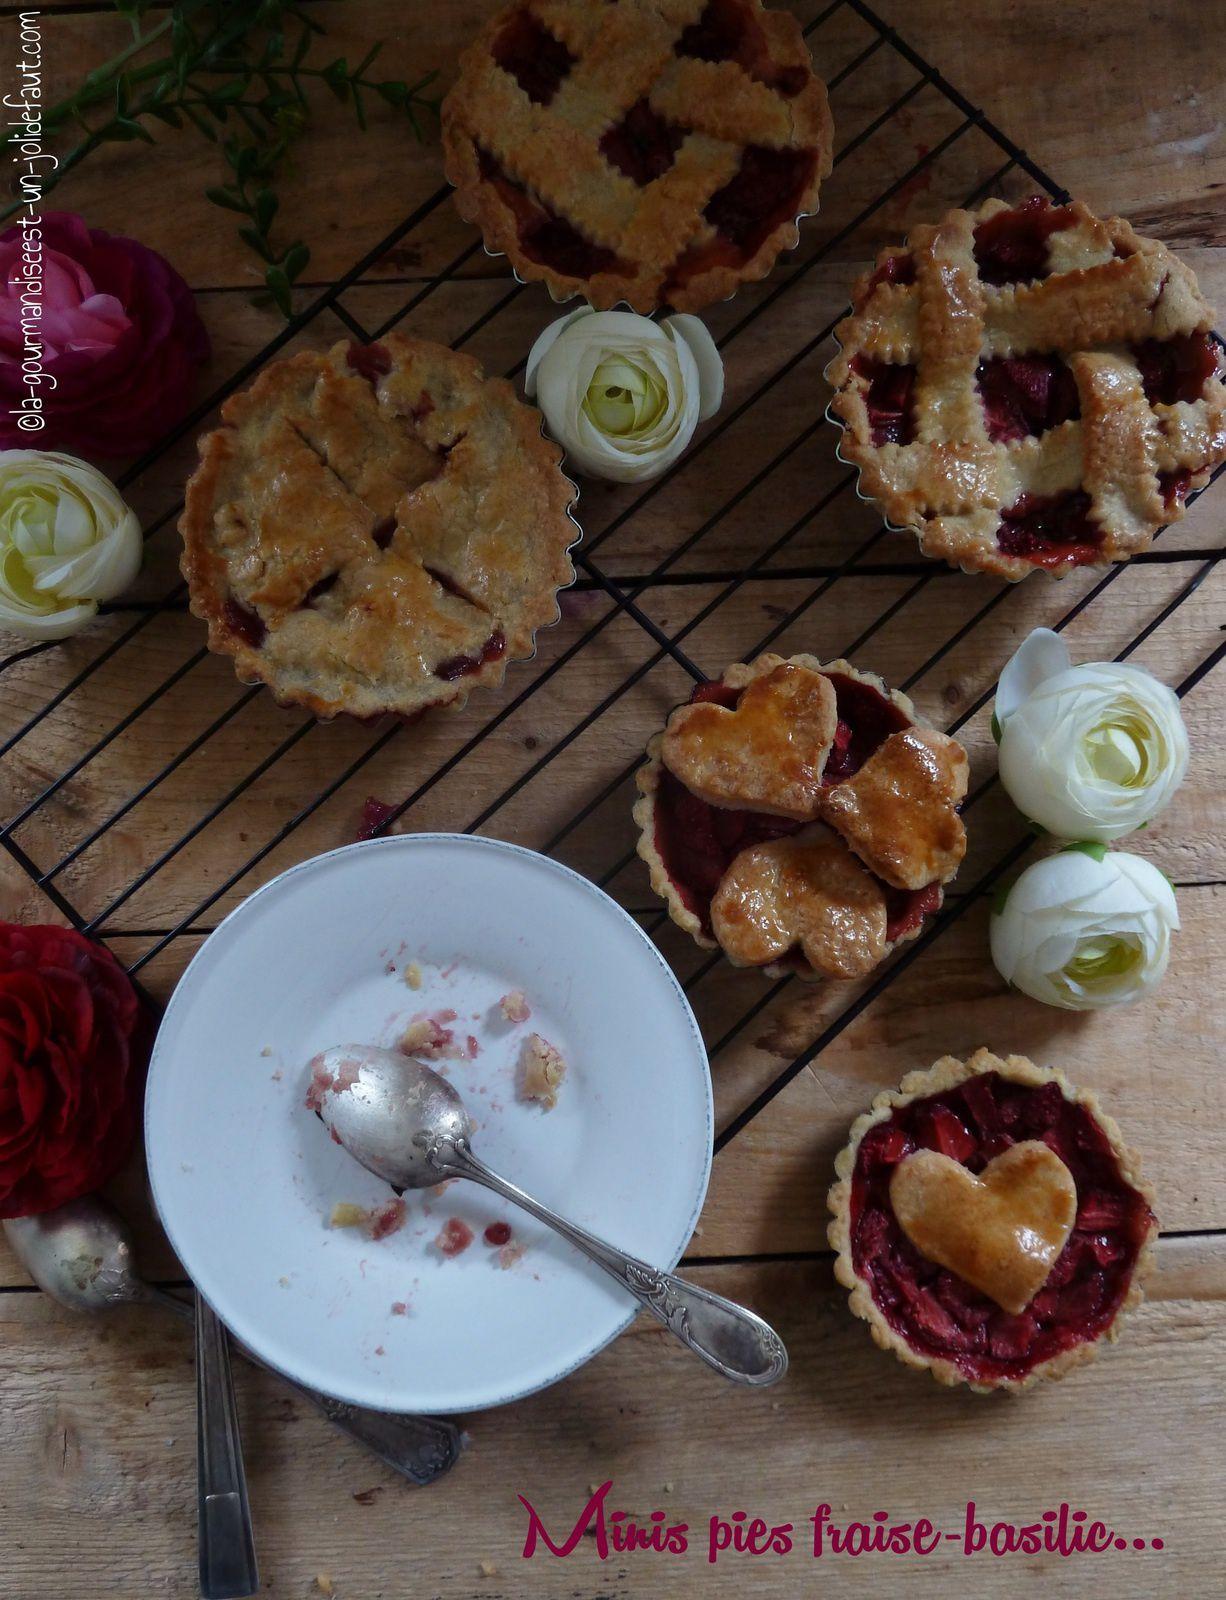 Pies fraises-basilic pour Culino version